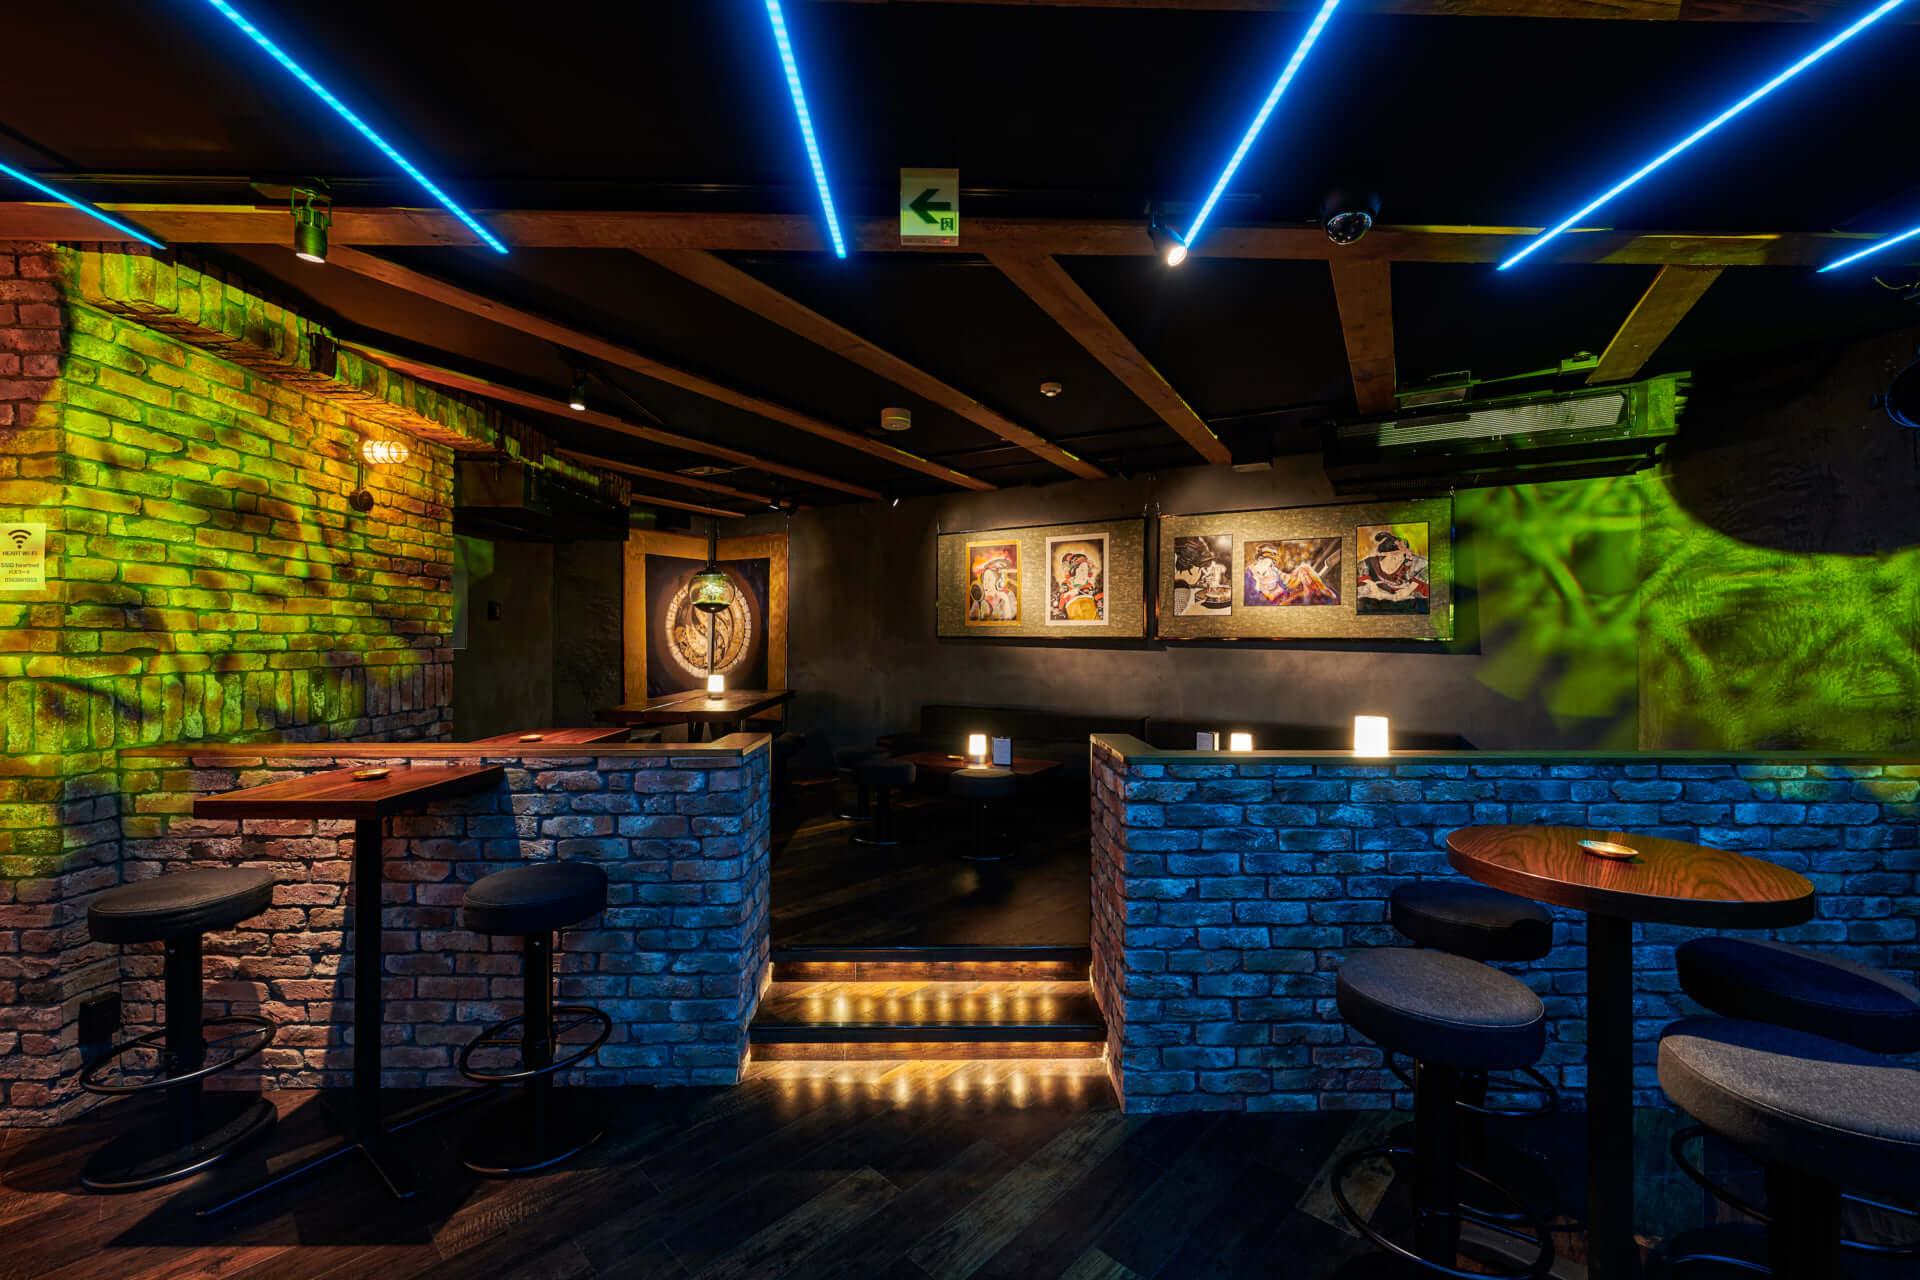 渋谷を中心にVISIONやContactなどのクラブやバーを経営する村田大造がプロデュースした新店舗 DJ BAR HEARTに迫る 200107_muratadaizo_05-1920x1280